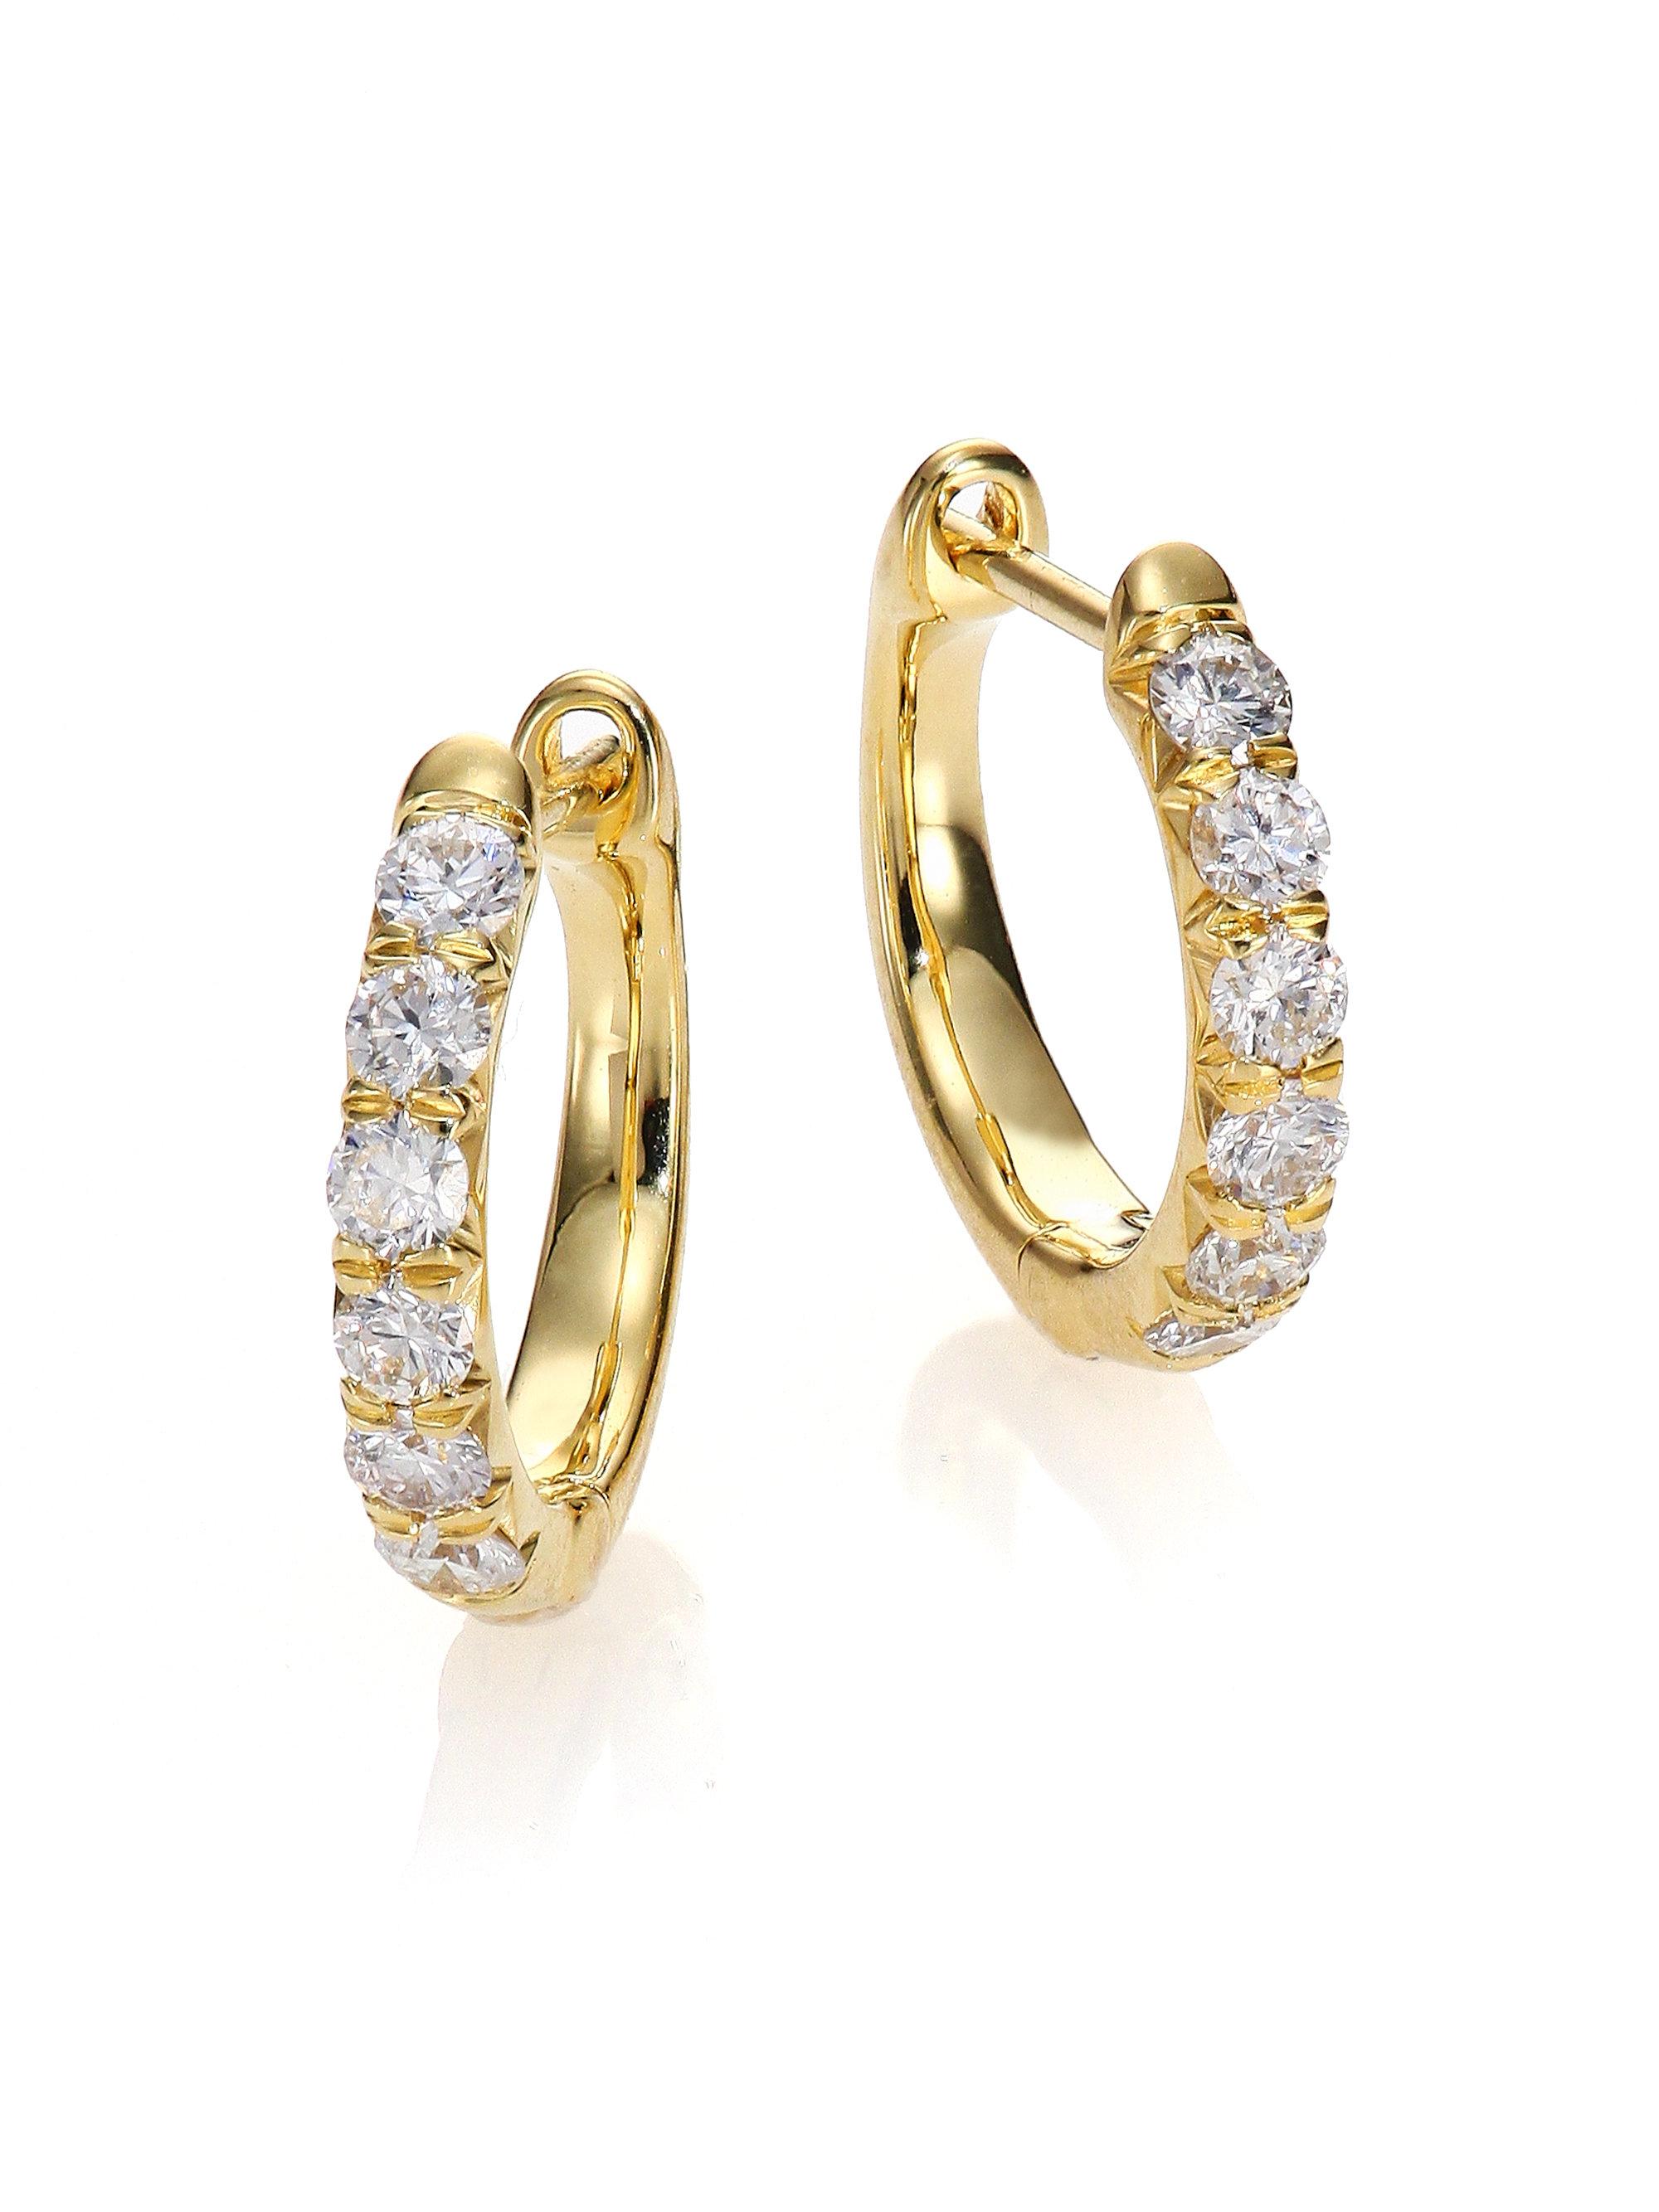 Jude frances Jude Diamond & 18k Yellow Gold Huggie Hoop Earrings